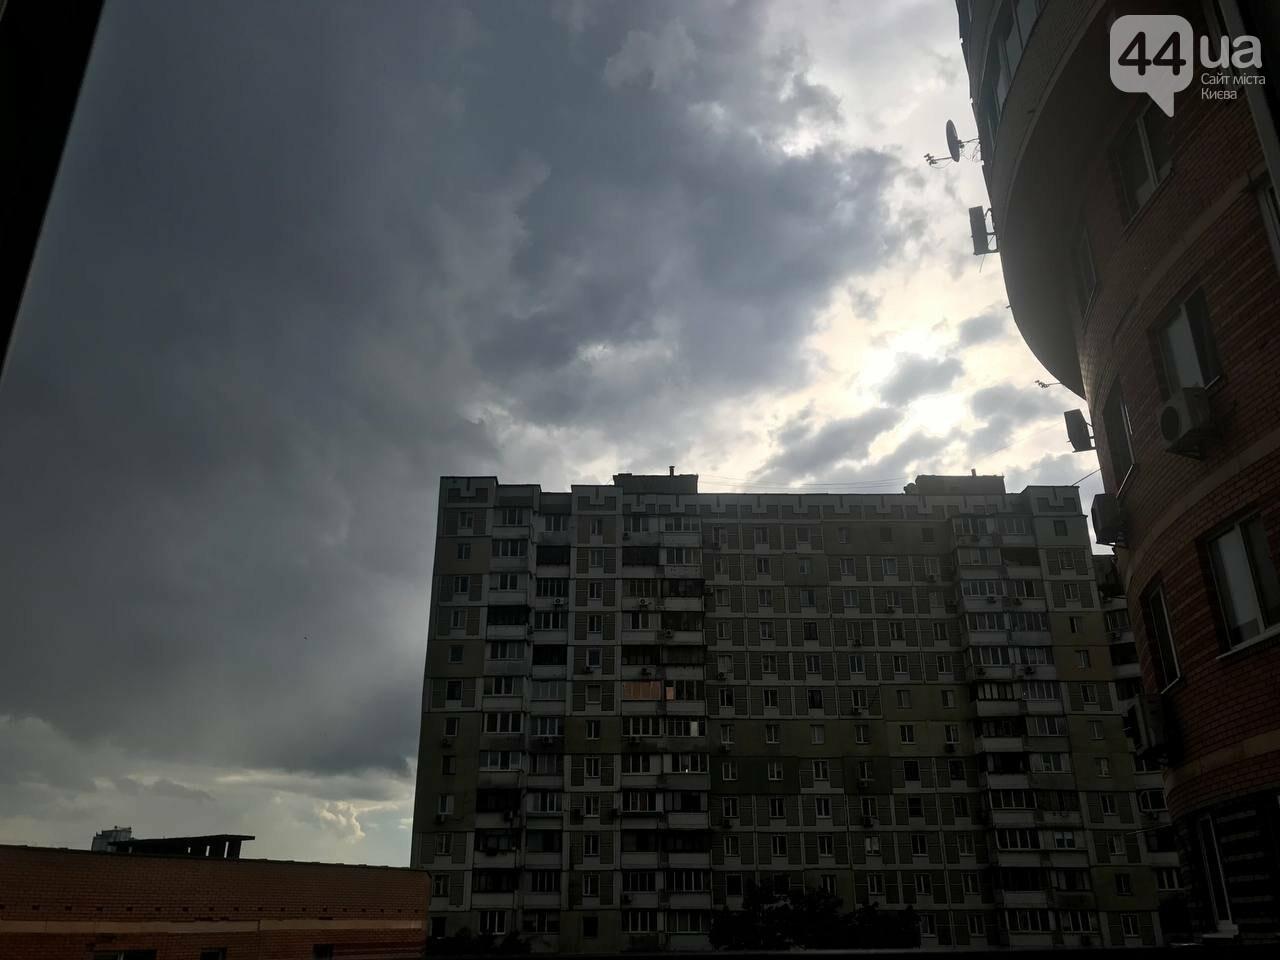 На столичных Осокорках прошел сильный дождь с градом, 44.ua